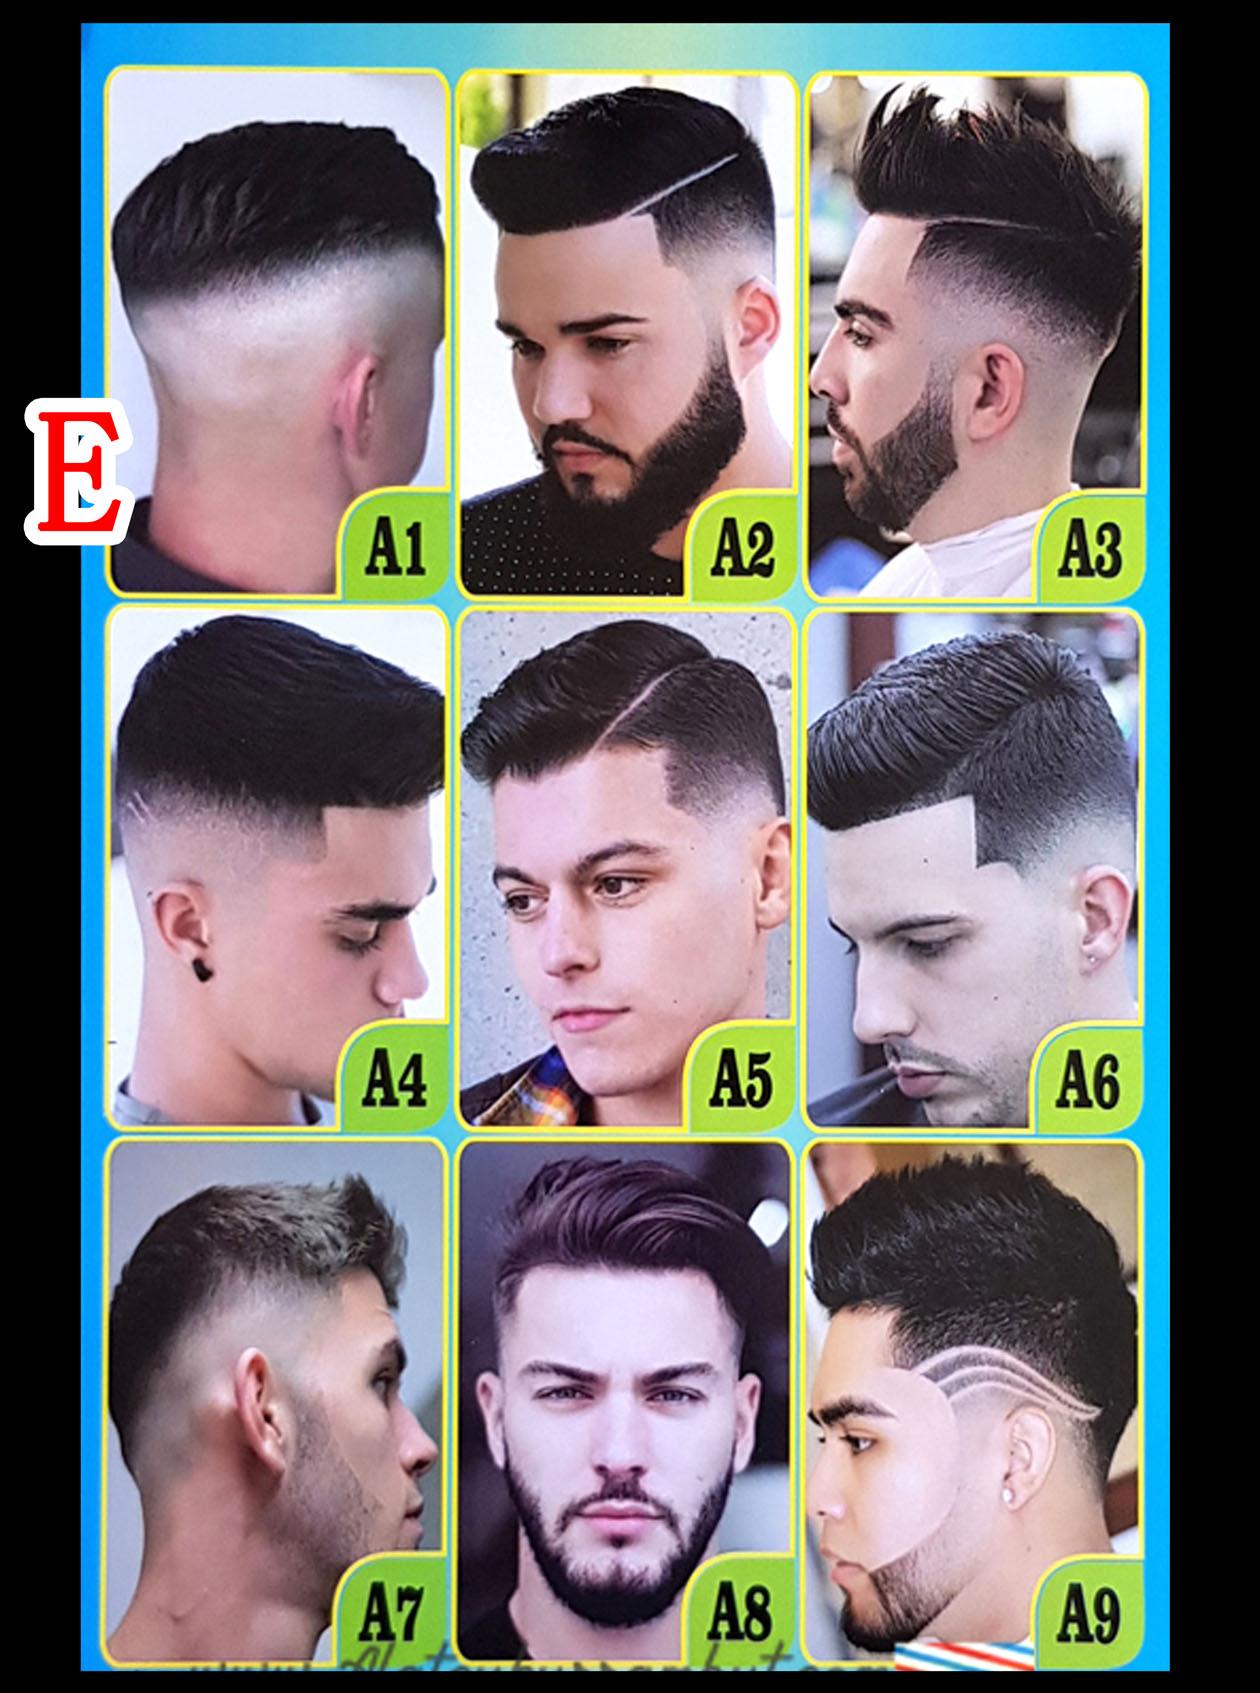 Poster Pangkas Rambut Barber Shop Model Gaya Rambut Pria Terkini Potong Rambut Pria Remaja Terbaru Poster Barber Poster Gaya Rambut Gambar Model Rambut Lazada Indonesia